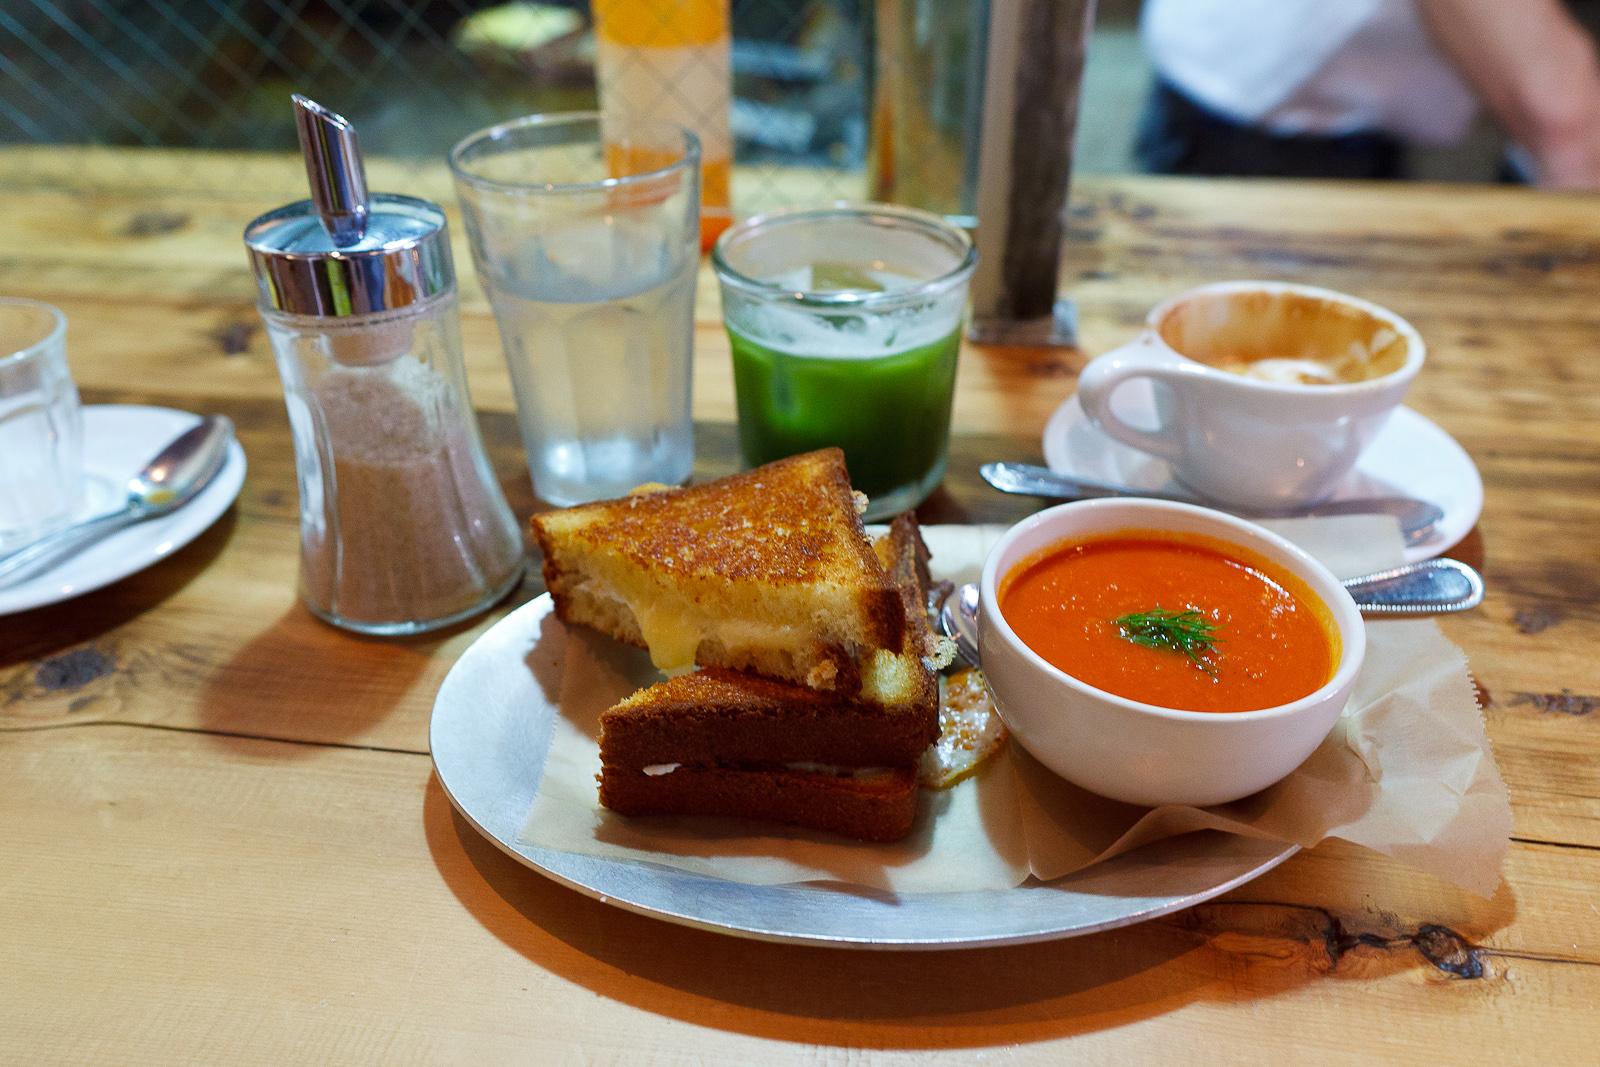 Cheddar and Mozarella, brioche with tomato soup ($8)